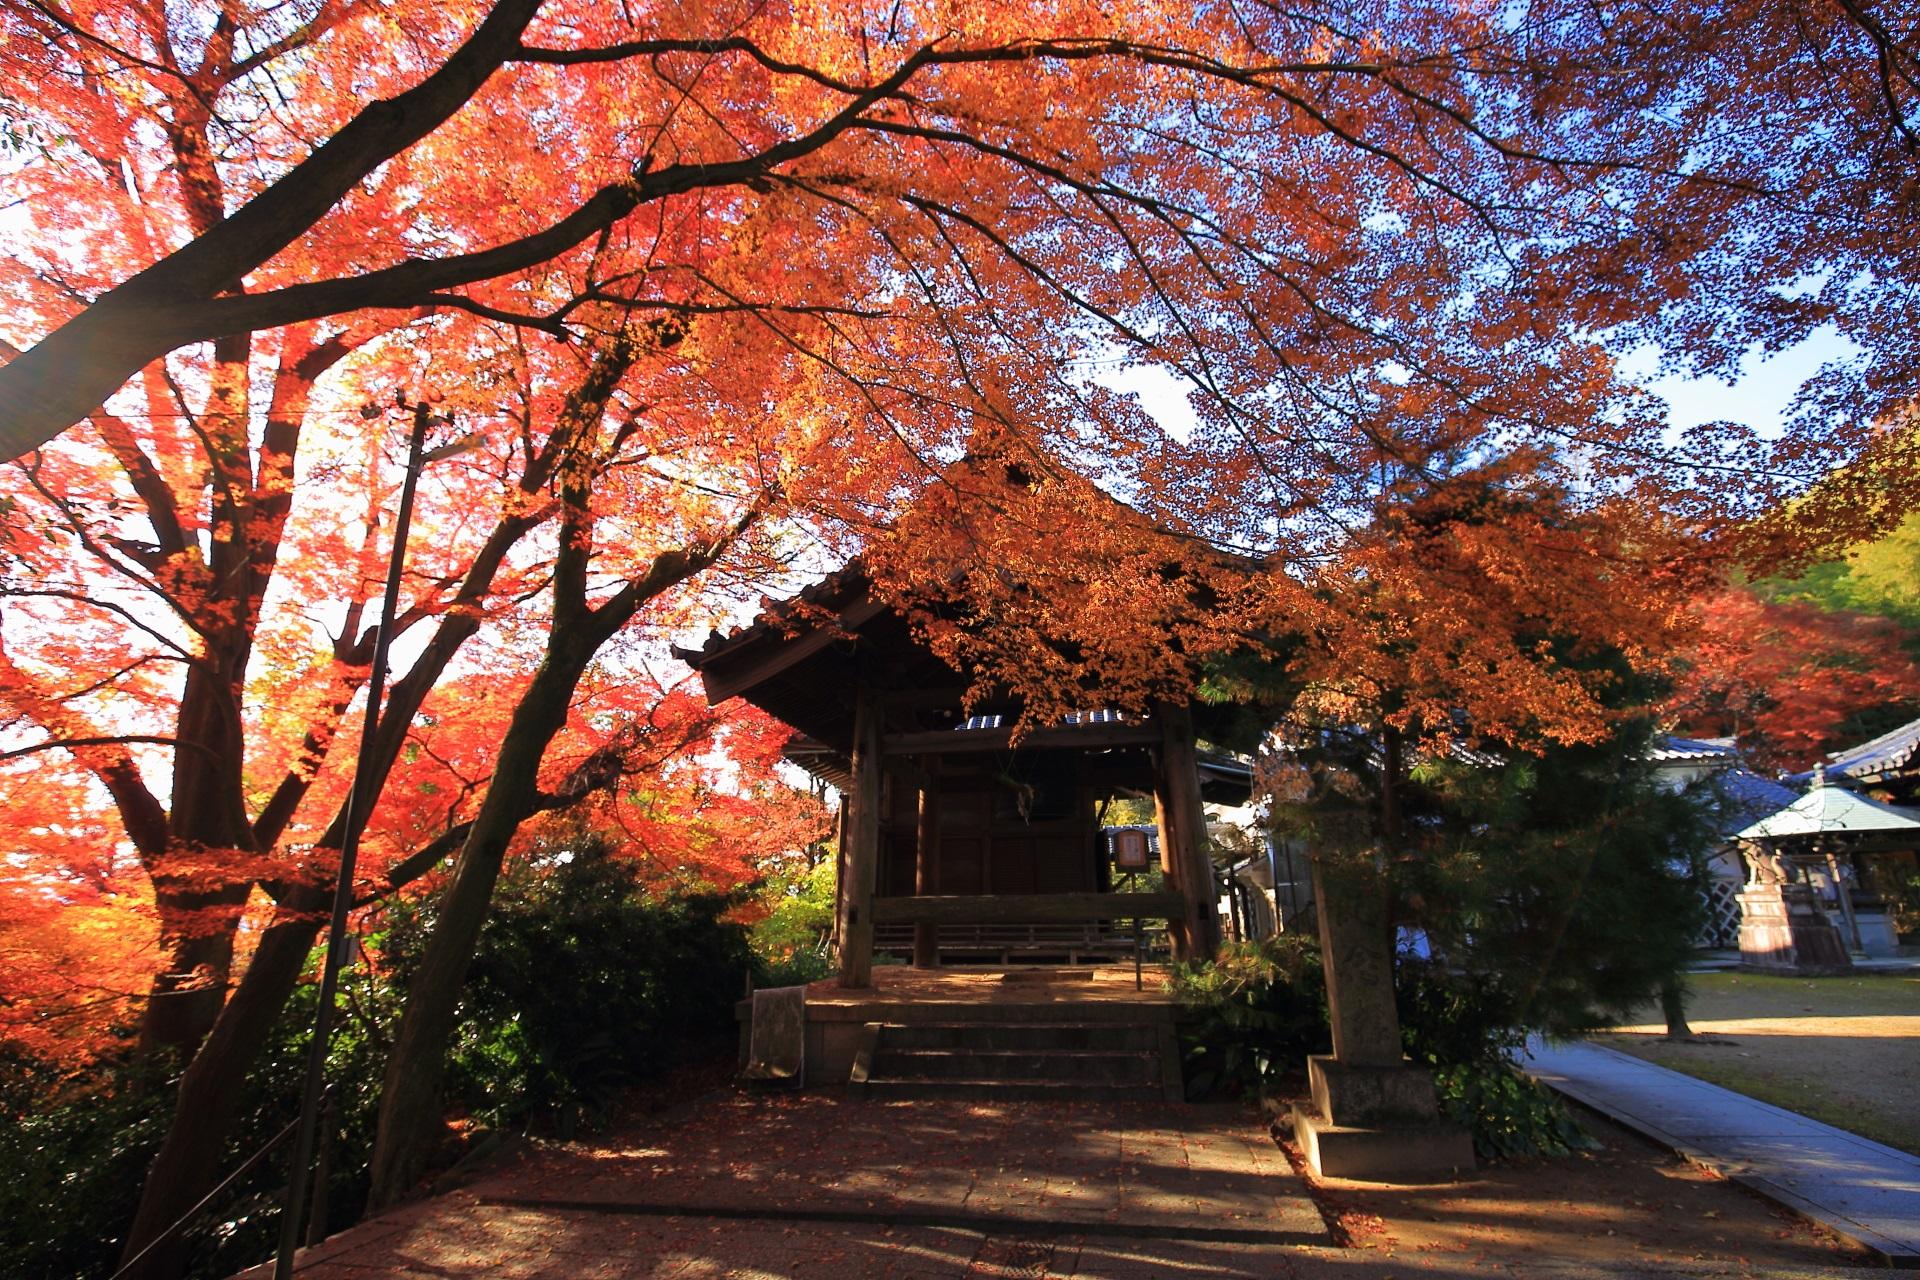 日が差している時の鐘楼前の煌びやかな紅葉